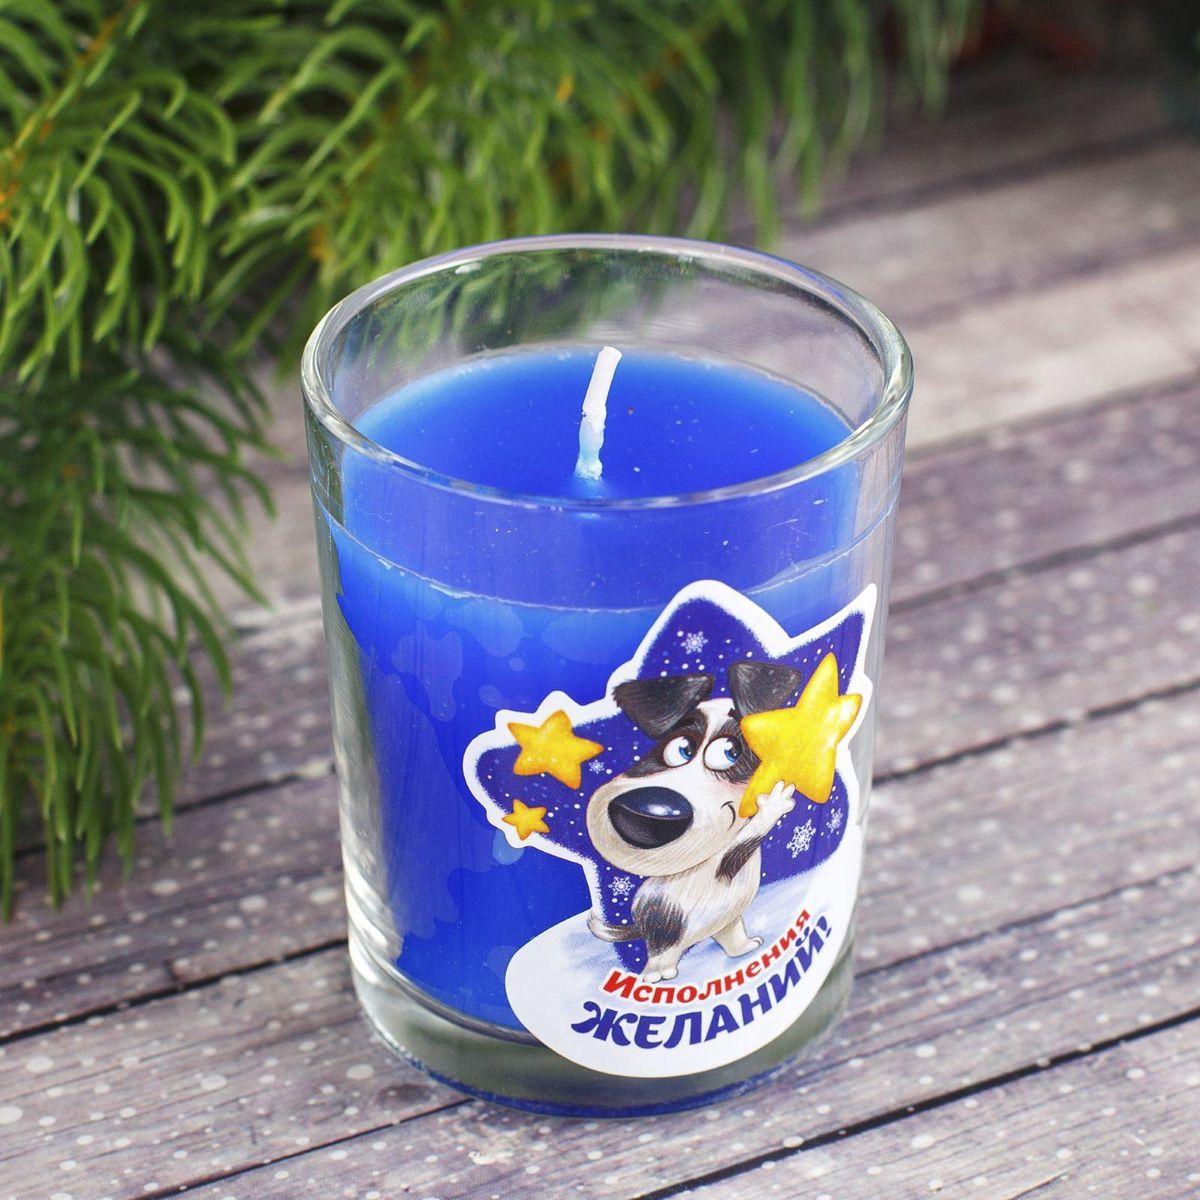 Свеча ароматизированная Sima-land Счастья в Новом году, цвет: синий, высота 6,5 см2085647Какой новогодний стол без свечей? Вместе с мандаринами, шампанским и еловыми ветвями они создадут сказочную атмосферу, а их притягательное пламя подарит ощущение уюта и тепла. А еще это отличная идея для подарка! Свеча ароматизированная в стакане Sima-land оградит от невзгод и поможет во всех начинаниях в будущем году. Каждому хозяину периодически приходит мысль обновить свою квартиру, сделать ремонт, перестановку или кардинально поменять внешний вид каждой комнаты. Свеча ароматизированная в стакане Sima-land - привлекательная деталь, которая поможет воплотить вашу интерьерную идею, создать неповторимую атмосферу в вашем доме. Окружите себя приятными мелочами, пусть они радуют глаз и дарят гармонию. Ароматизированная свеча Sima-land - символ Нового года. Она несет в себе волшебство и красоту праздника. Такое украшение создаст в вашем доме атмосферу праздника, веселья и радости.